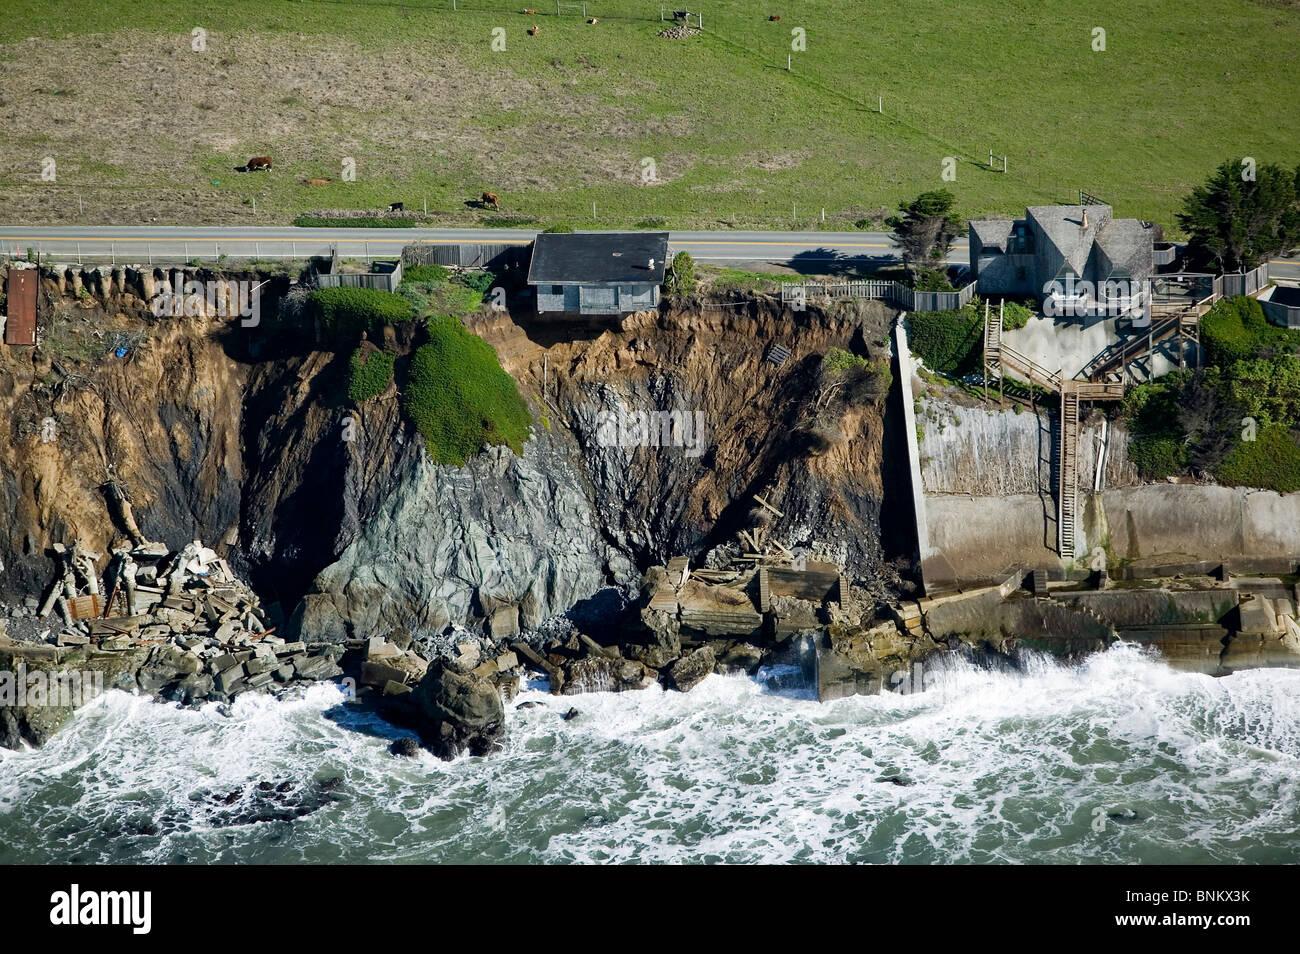 Au-dessus de l'antenne maison prête à tomber dans l'océan Pacifique le long de l'autoroute Photo Stock